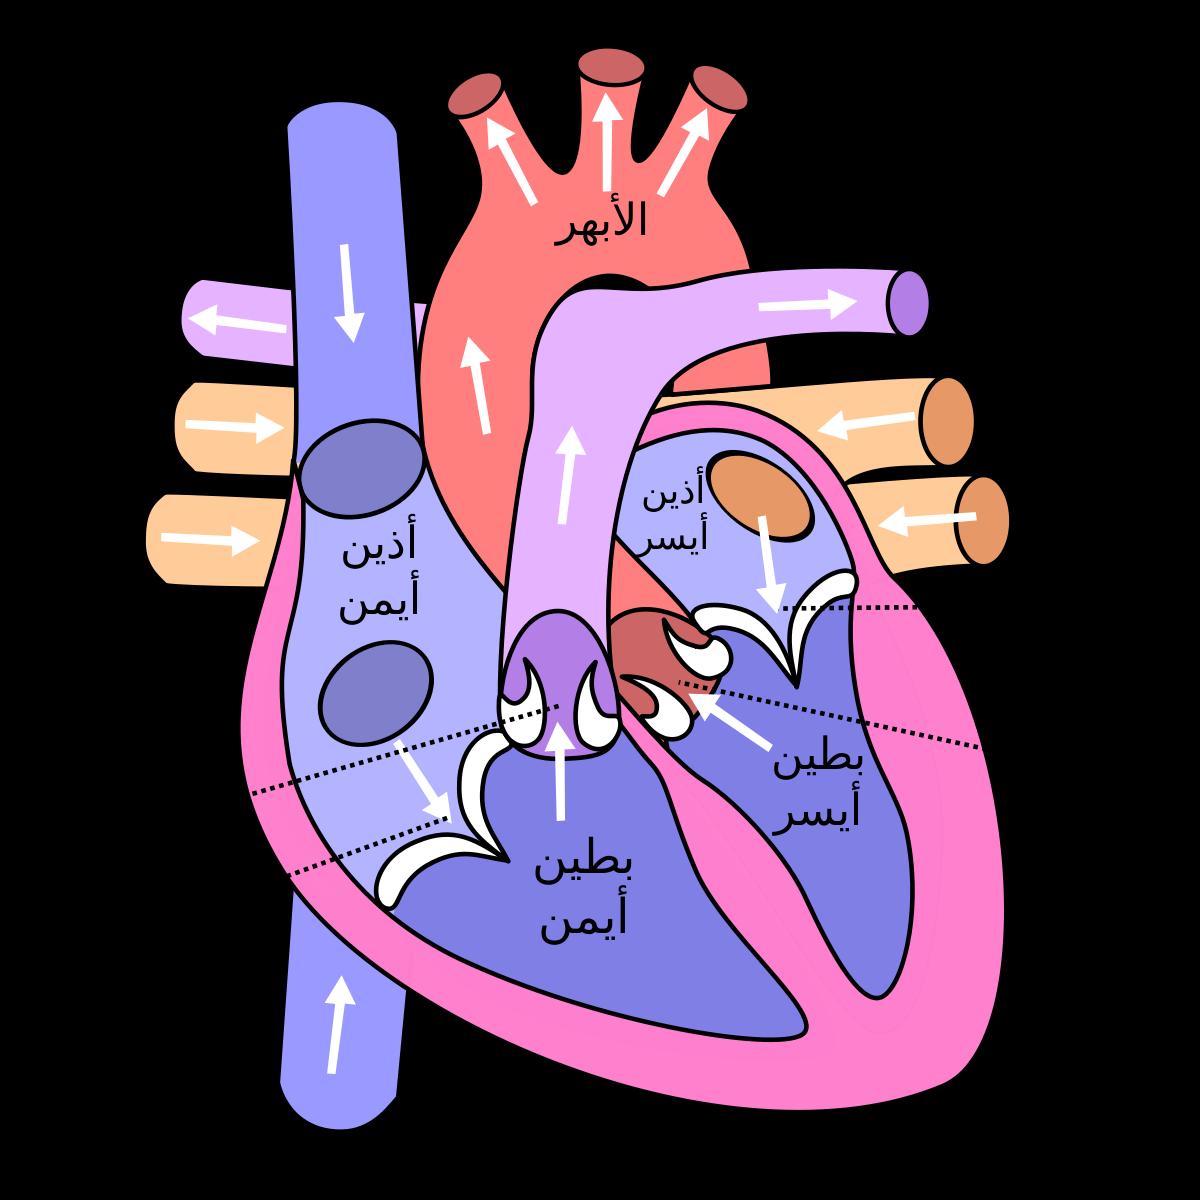 صورة صور قلب الانسان , بالصور شكل قلب الانسان